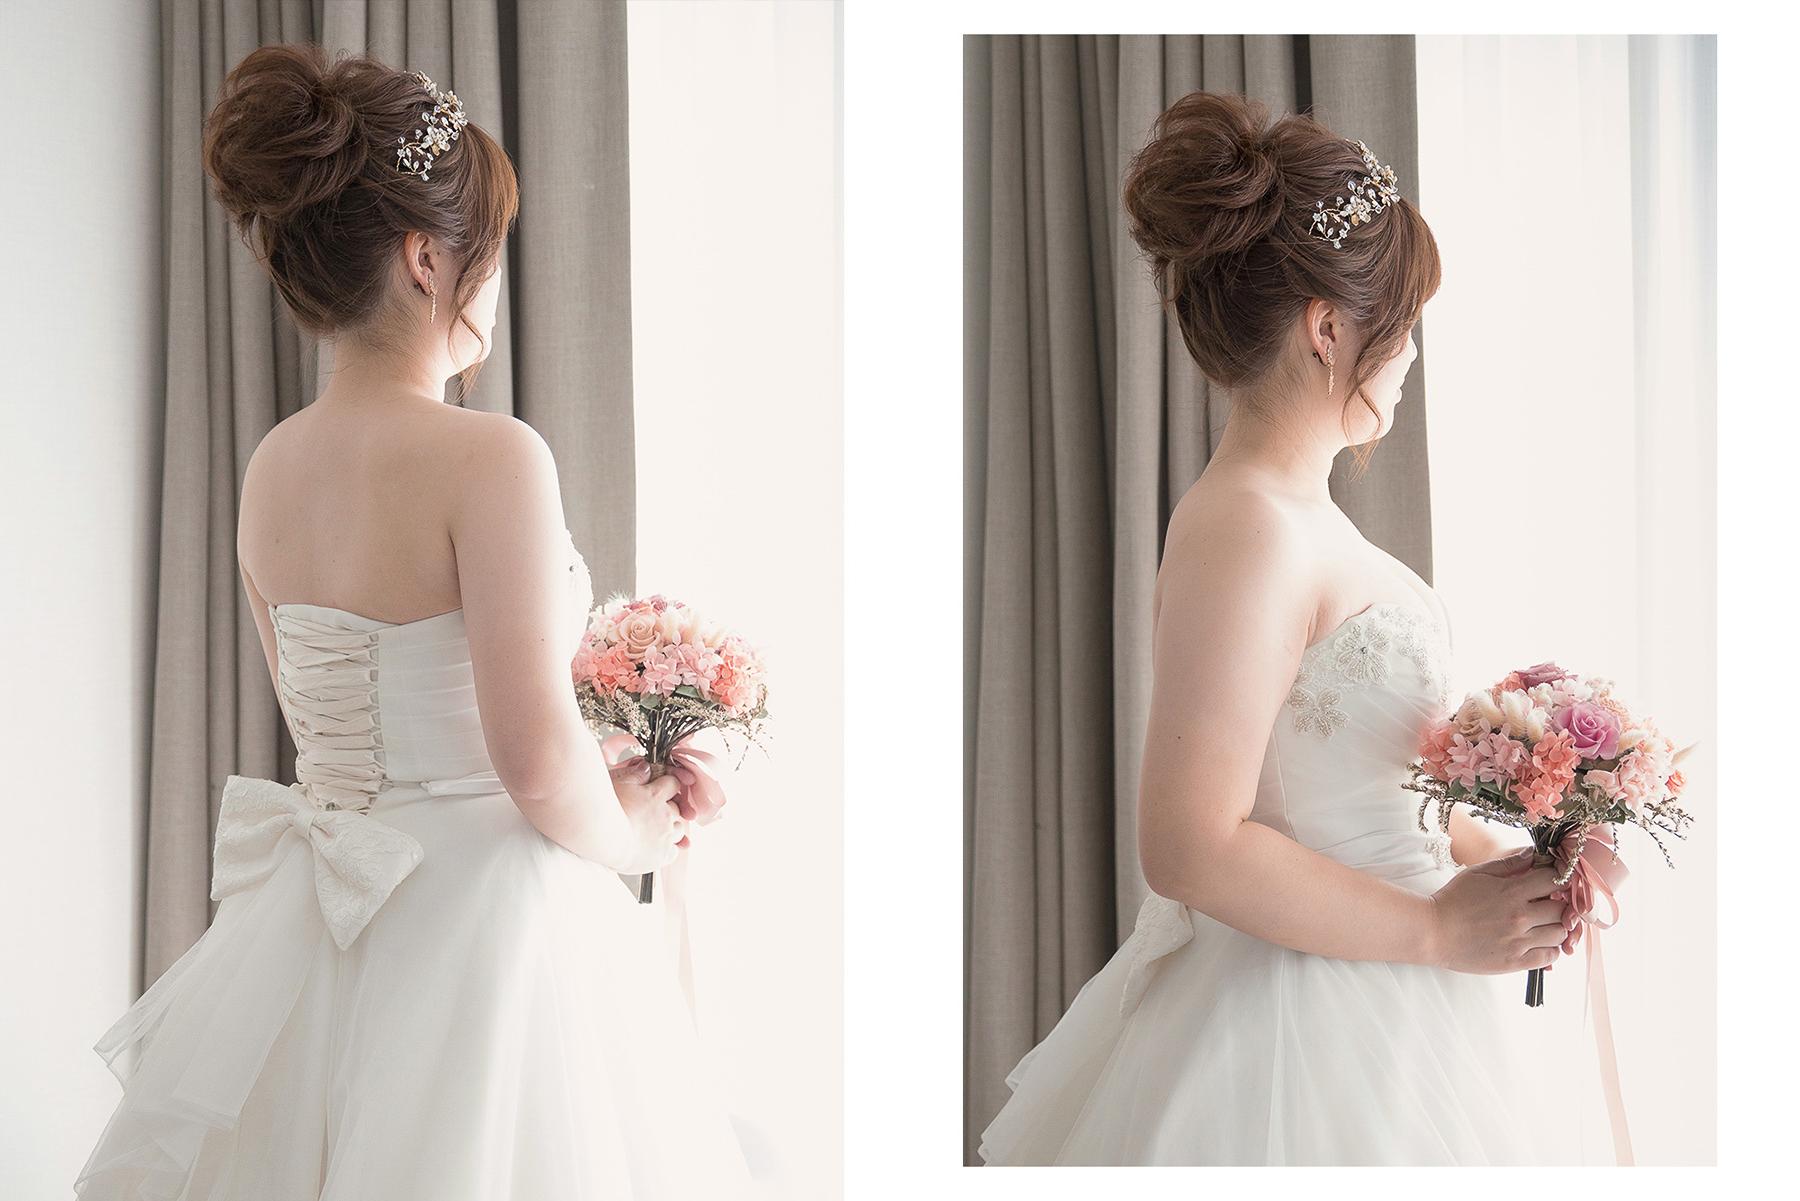 新娘造型, 台北新秘, 新娘髮型, 高雄新秘, 白紗造型, 高盤髮, 丸子頭, 萬豪酒店